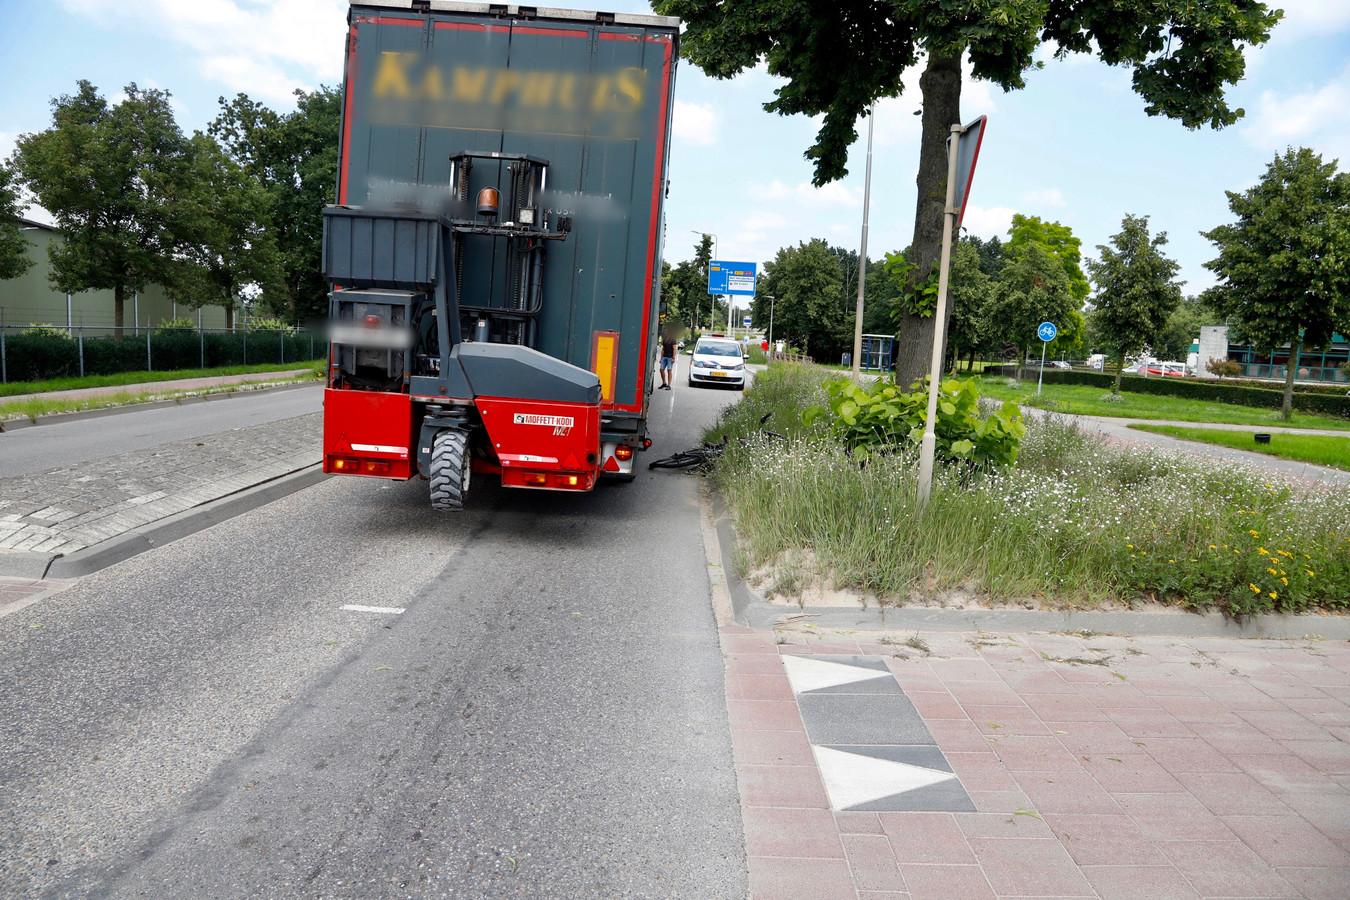 De vrachtwagen die tegen de fietsster is gereden staat een aantal meters voorbij de oversteekplaats van het fietspad. De fiets ligt naast de vrachtwagen in de berm.